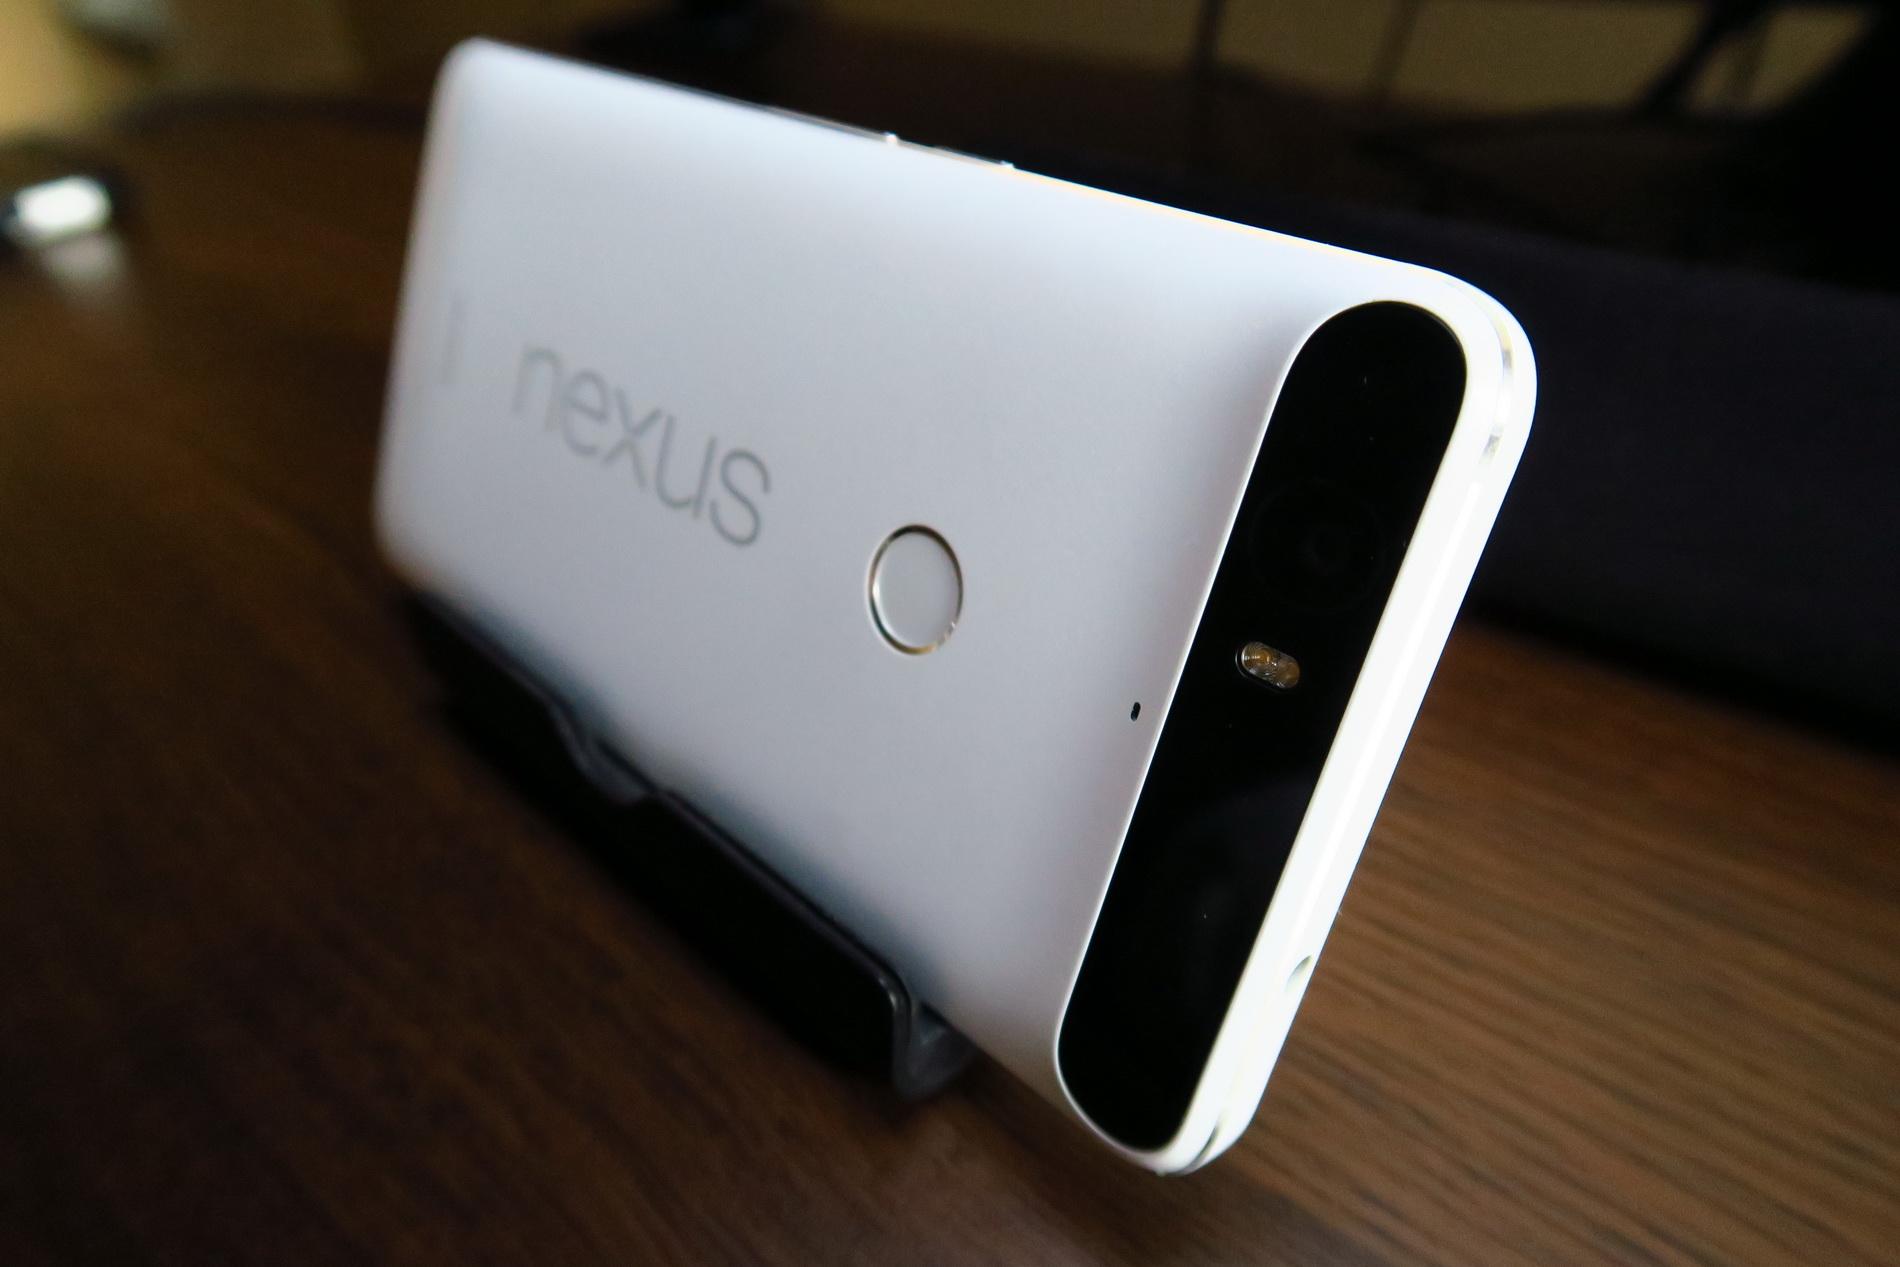 Huawei Nexus 6P Review: Huawei's First Shot at a Vanilla